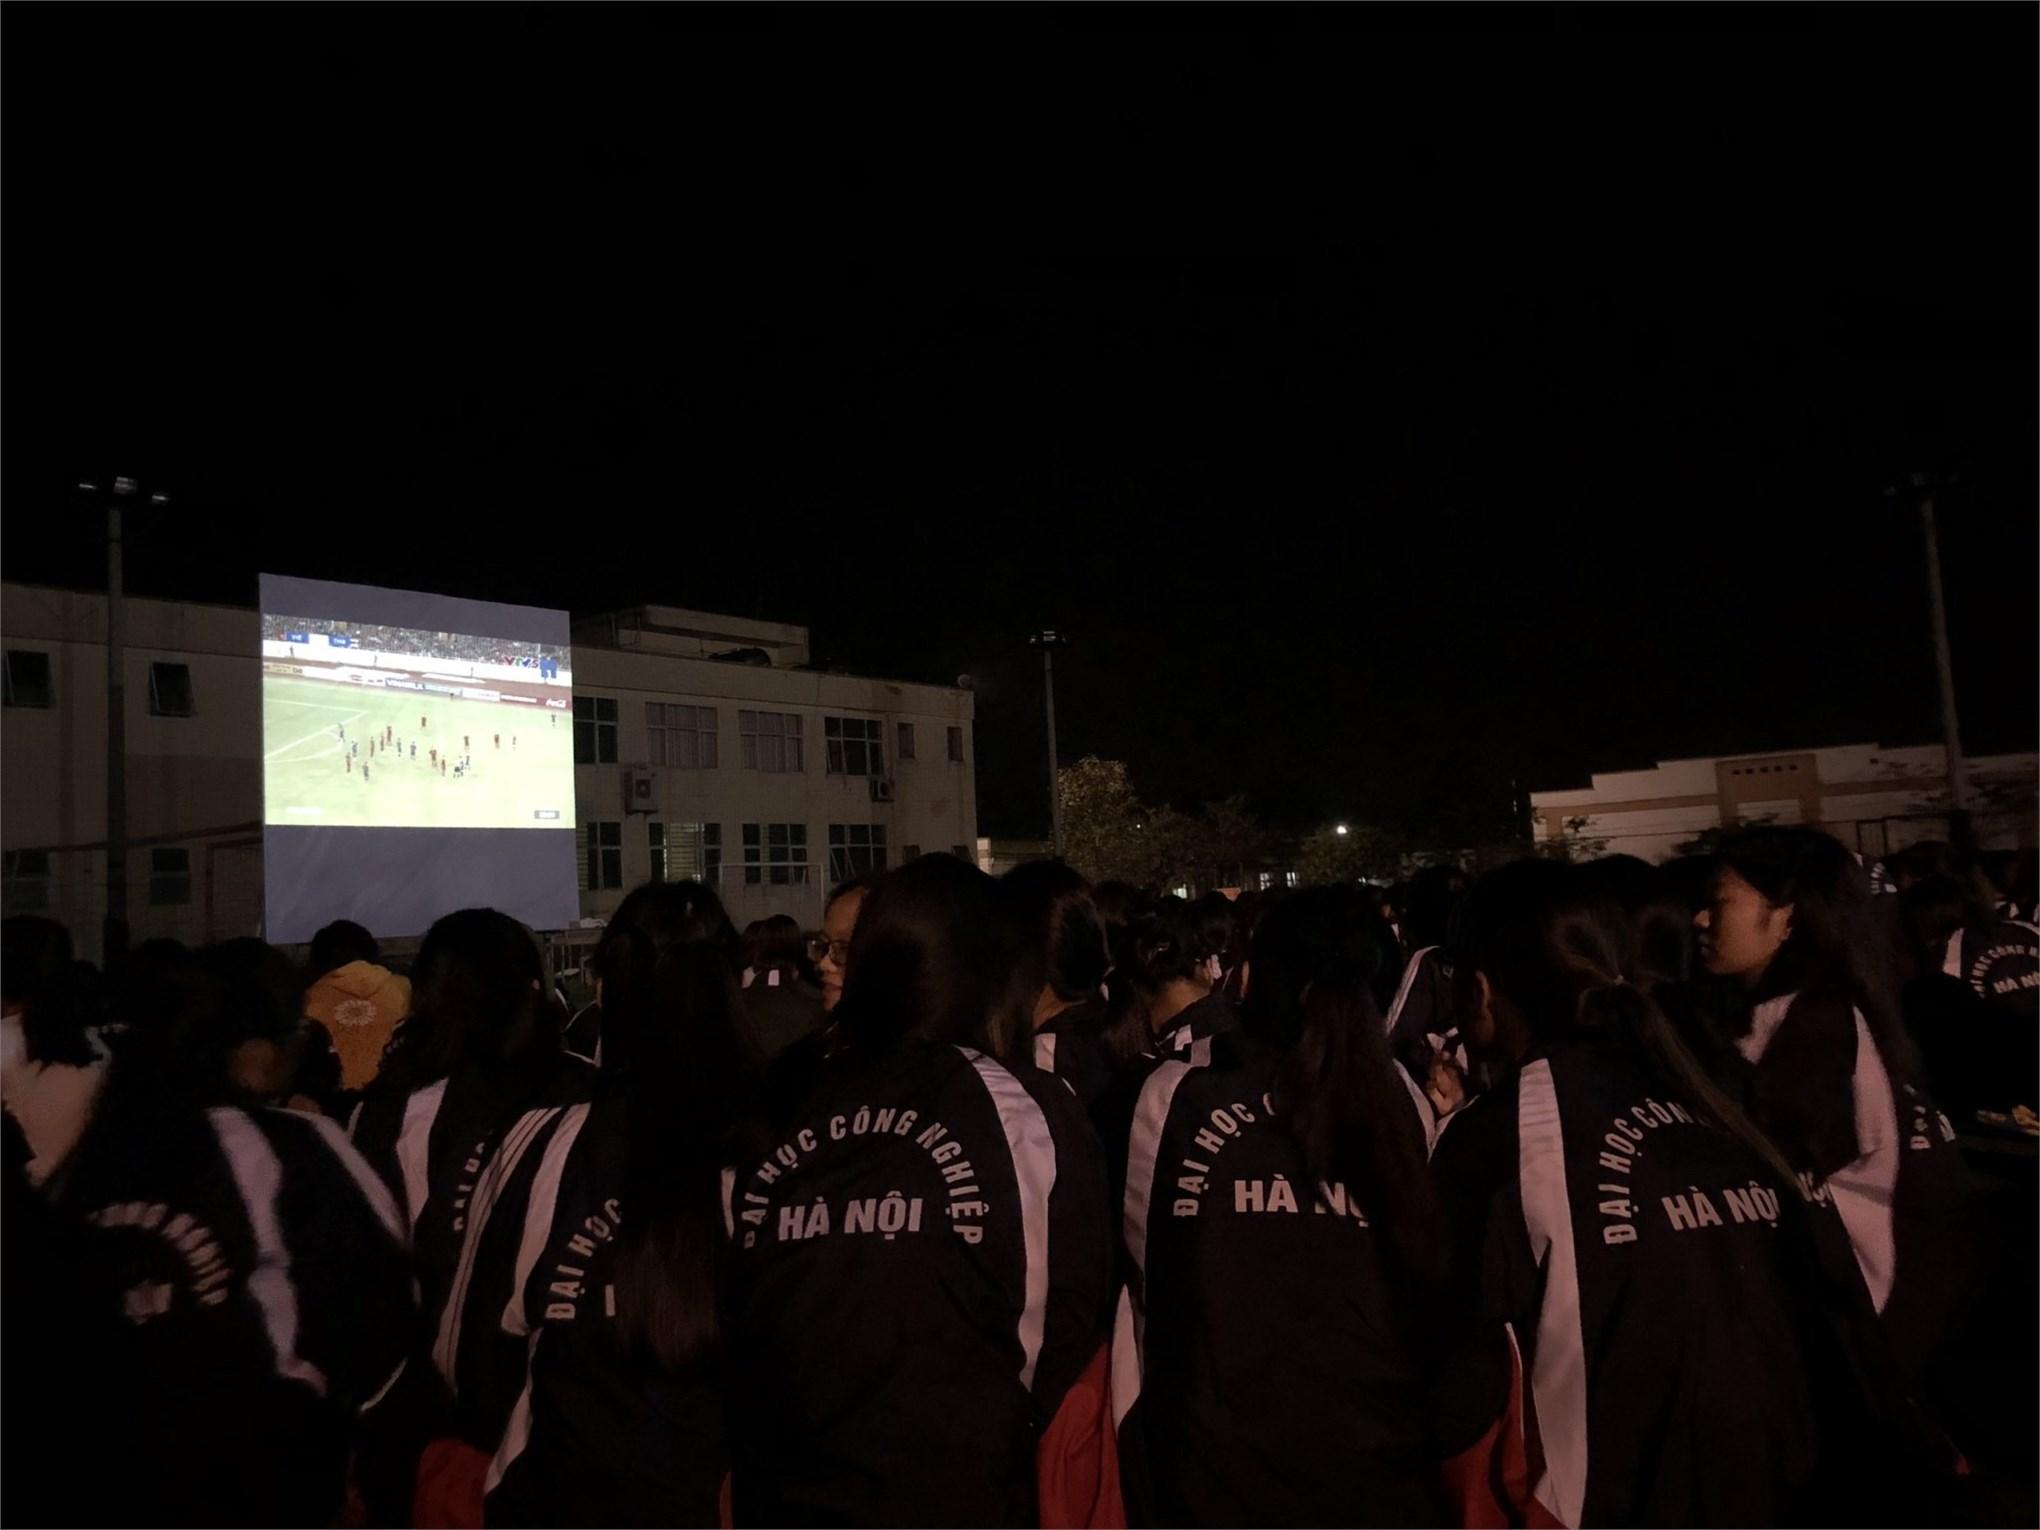 Trung tâm Giáo dục Quốc phòng và an ninh tổ chức xem Bóng đá qua màn ảnh lớn cho sinh viên